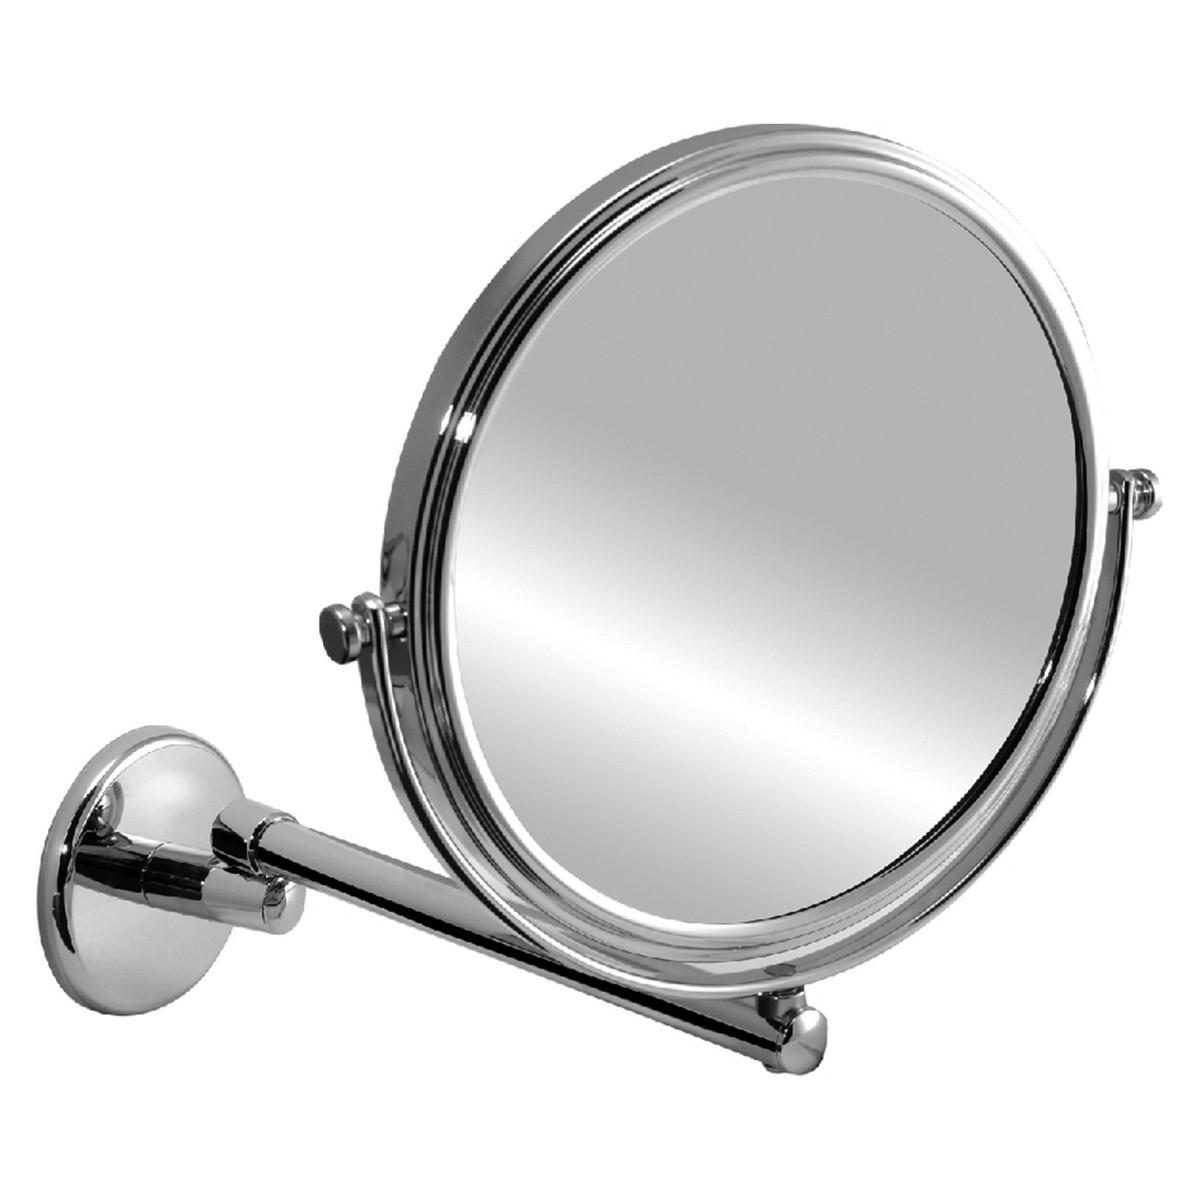 FairSan Rasier- und Kosmetikspiegel, 3-fach Vergrößerung